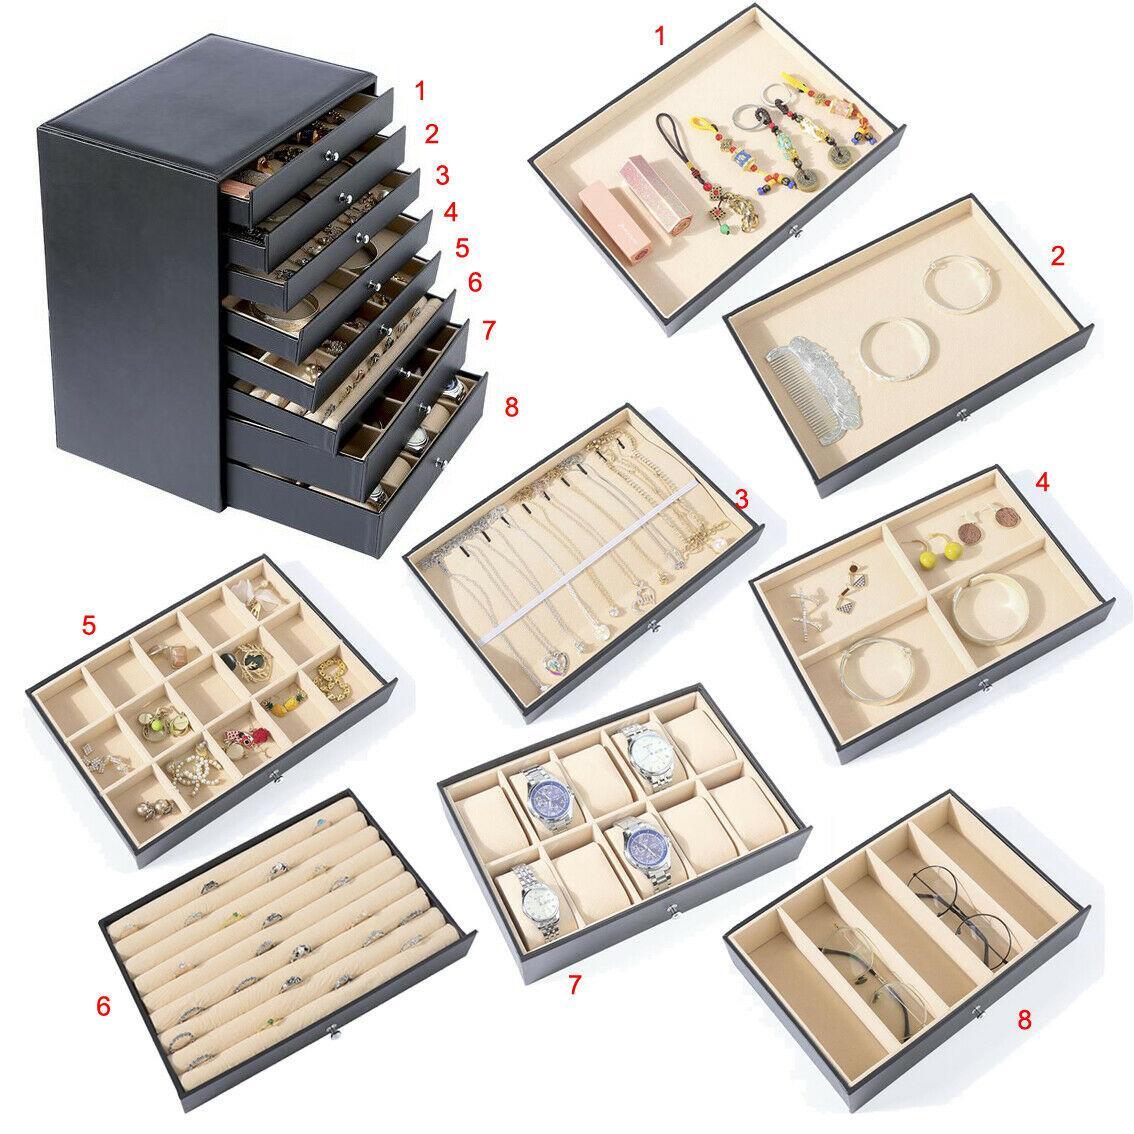 8 층짜리 고급 보석 서랍 상자 목걸이 팔찌 귀걸이 선글라스 시계